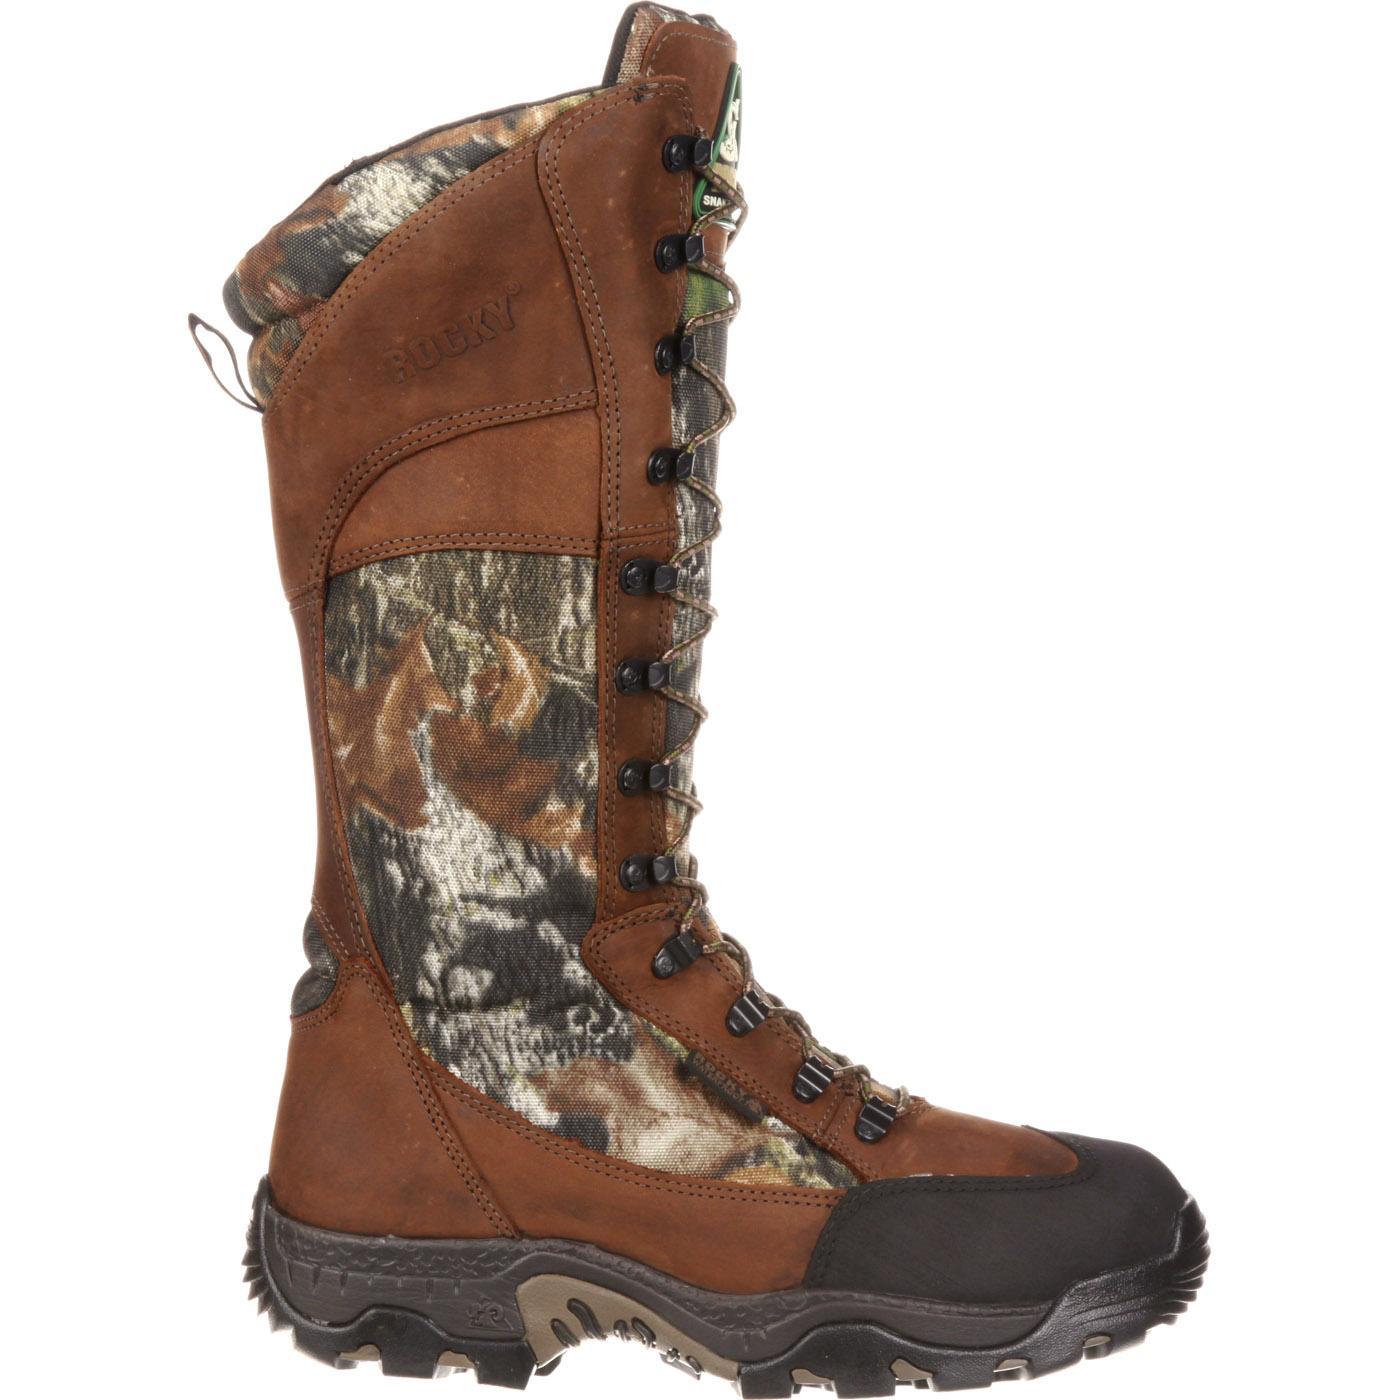 Rocky Classic Lynx Waterproof Side-Zip Snake Boot, FQ0007534